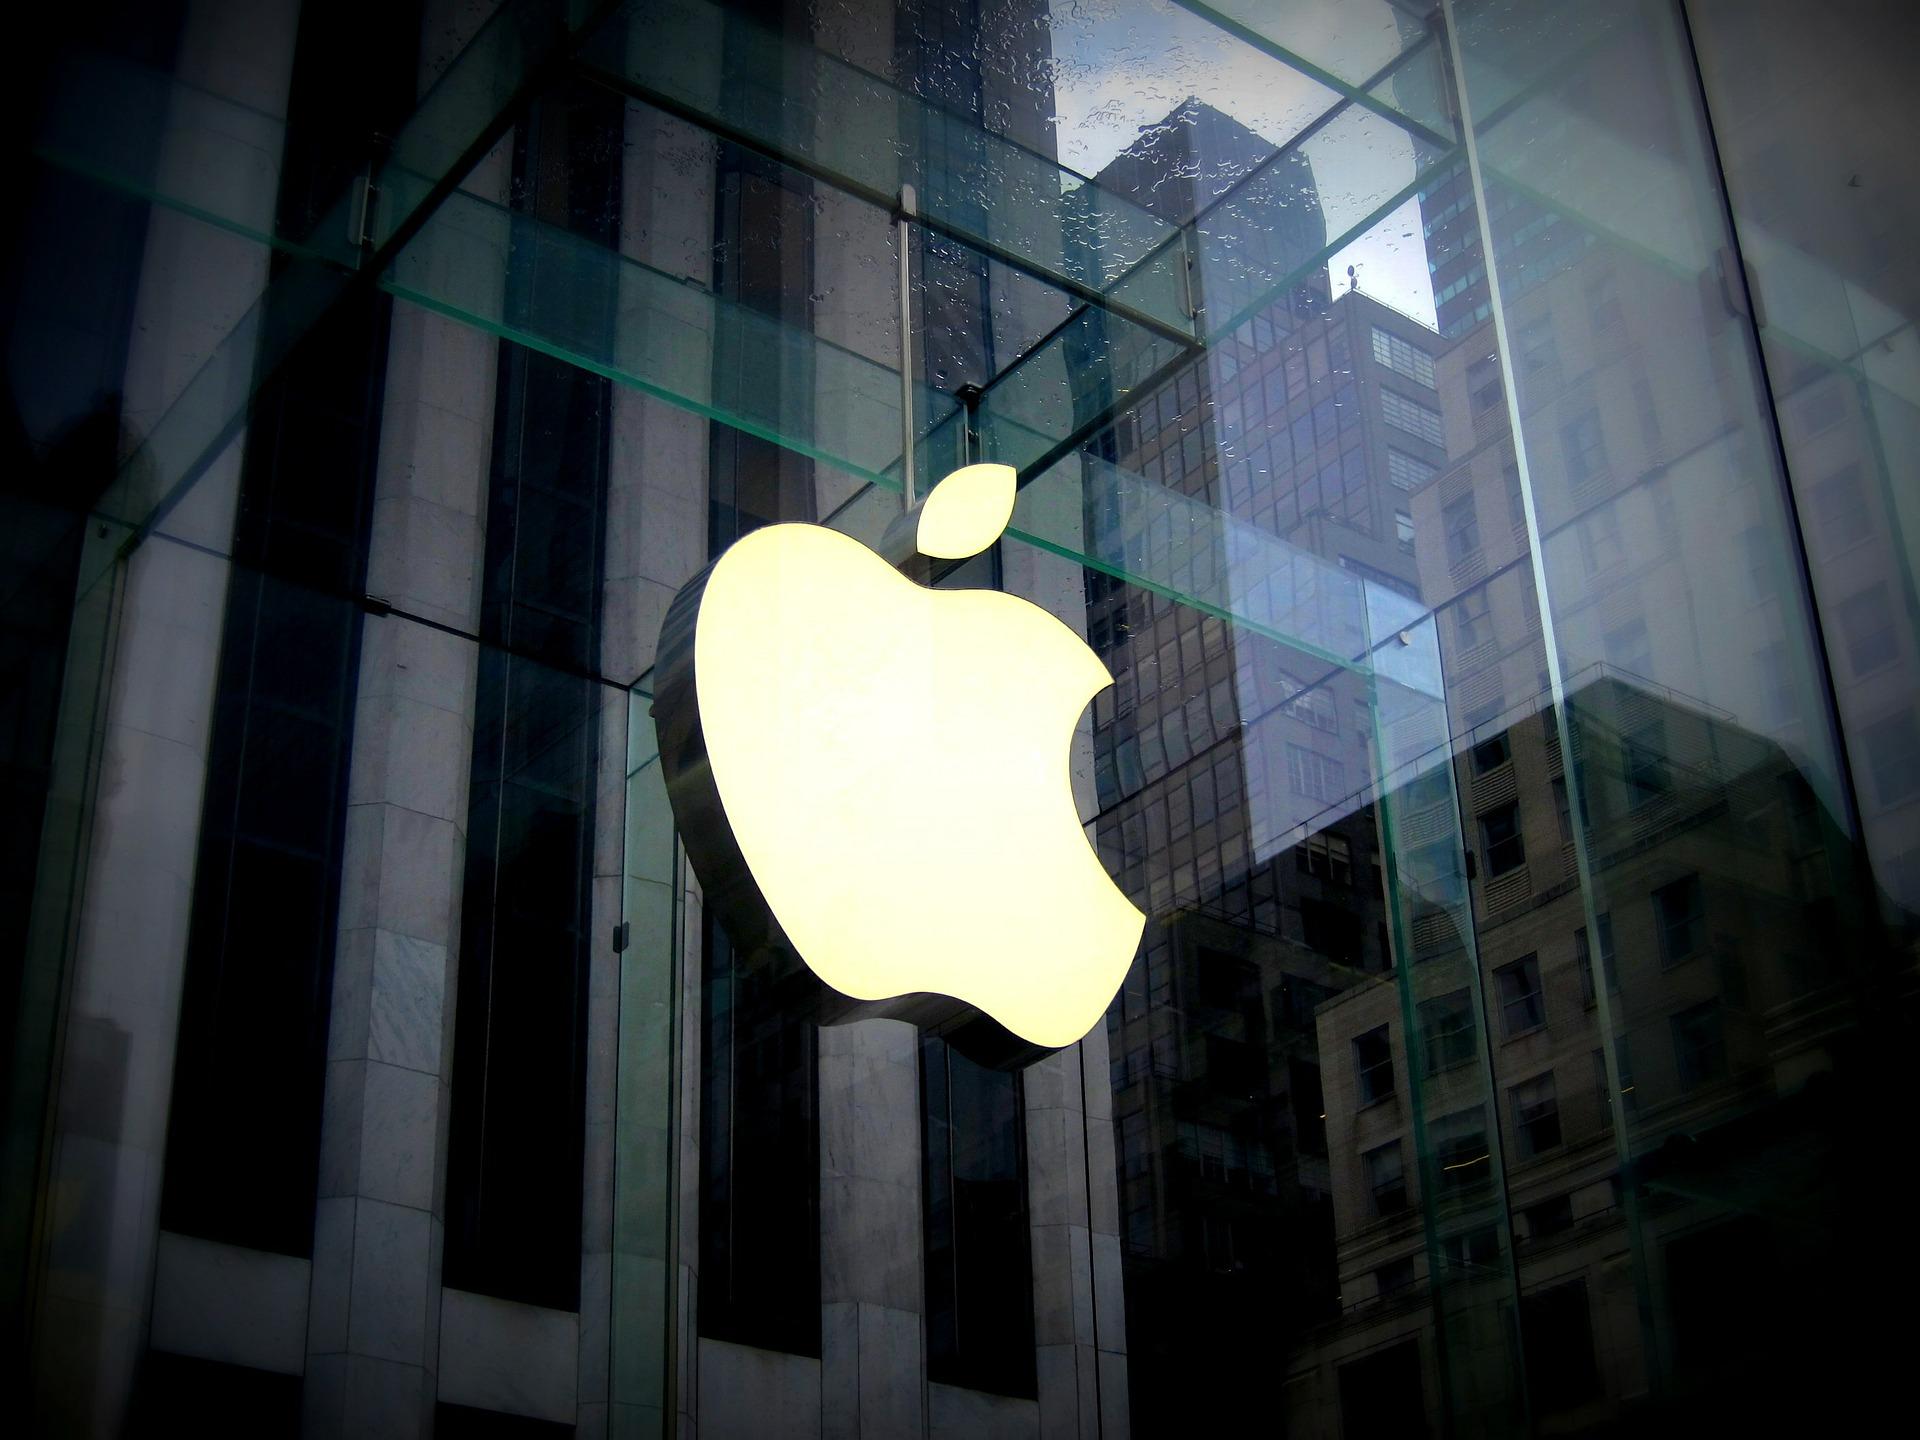 Apple Uji Internet 5G di Fasilitas Apple California